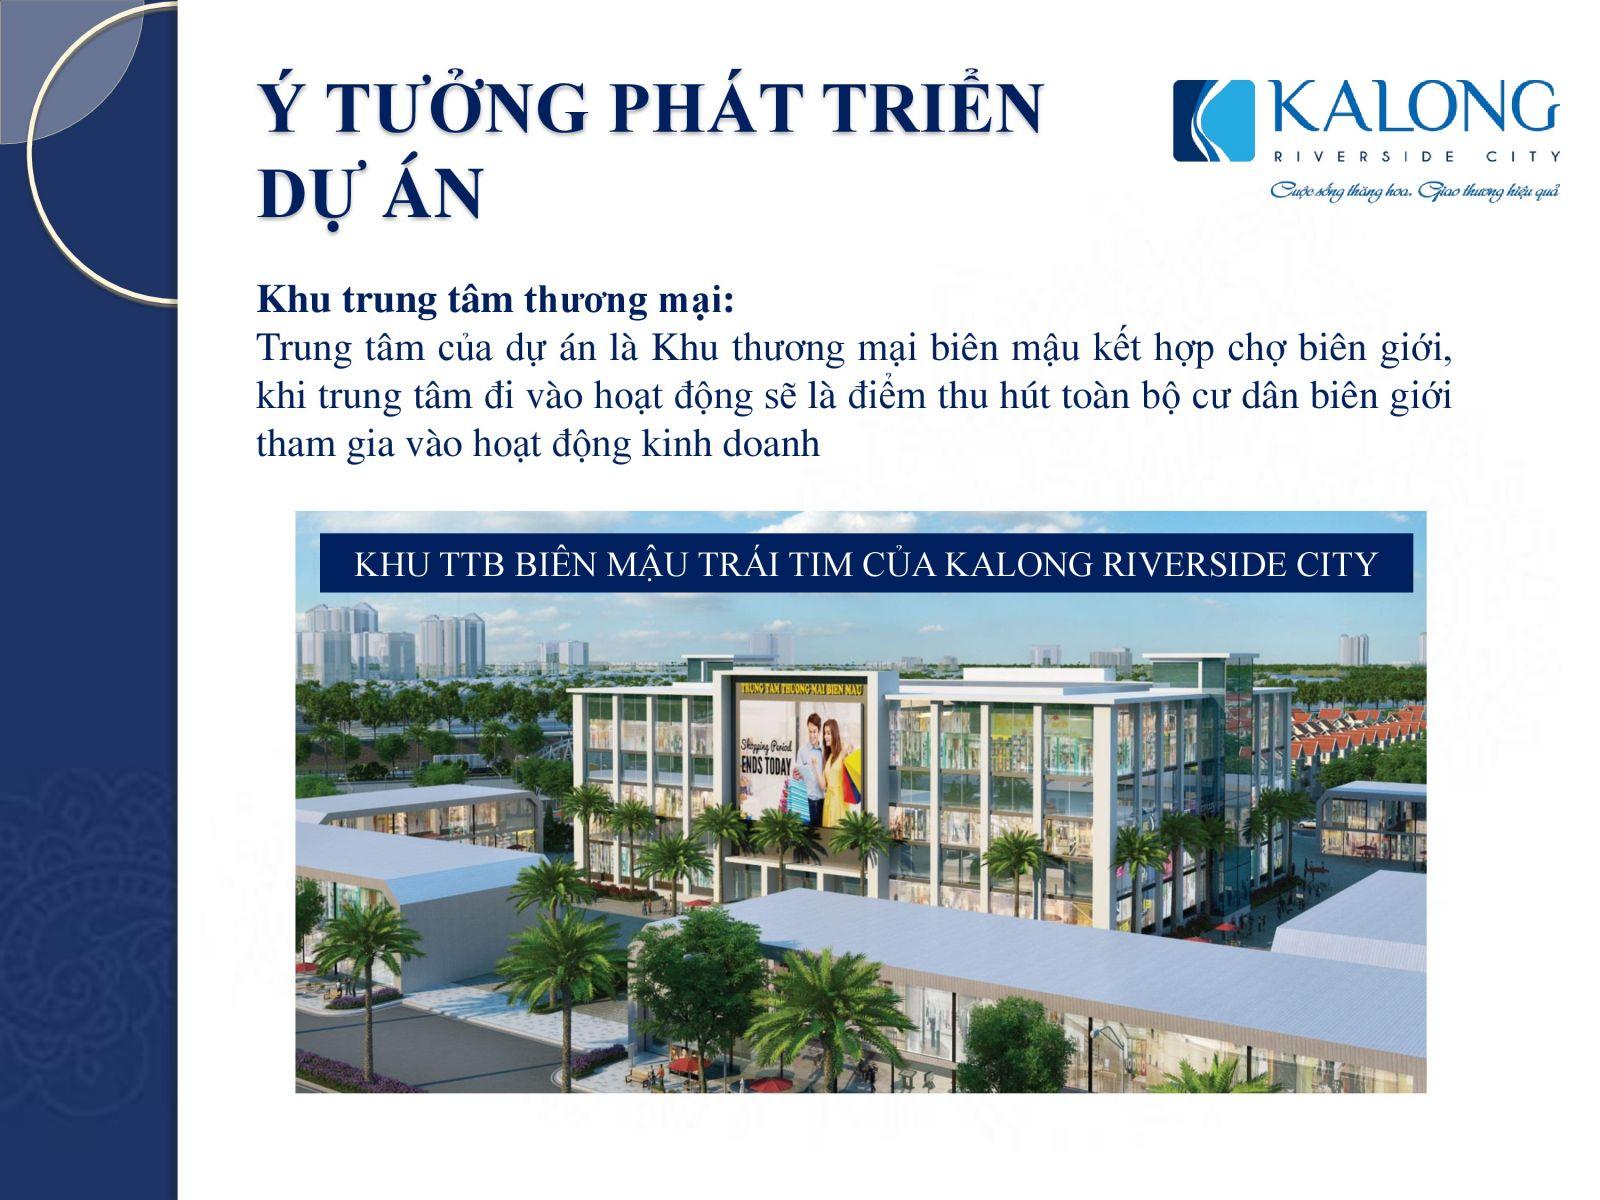 kalong riverside phát triển dự án